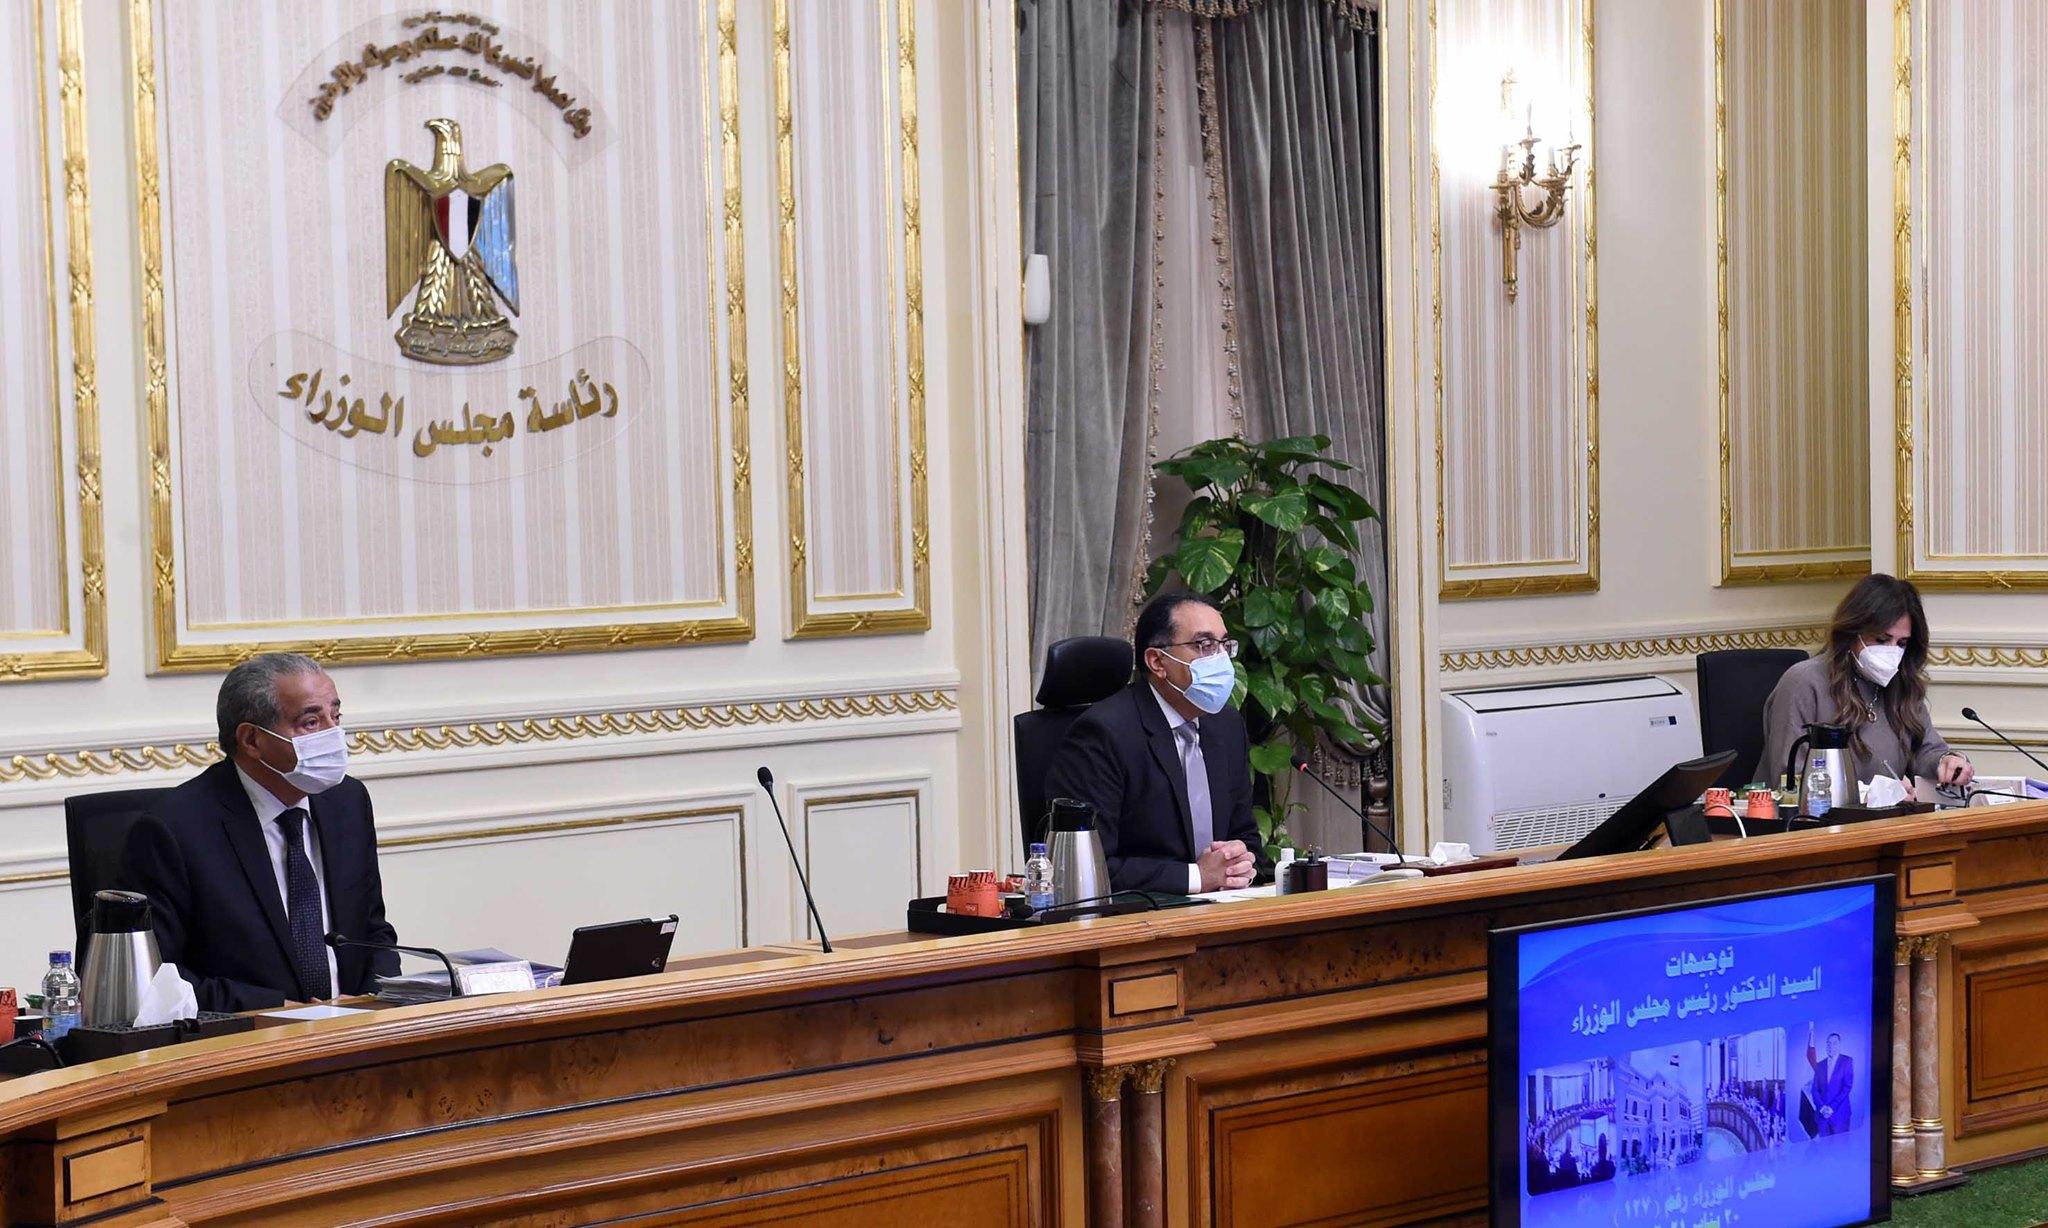 رسمياً.. رئيس الوزراء يعلن الخميس المقبل إجازة رسمية للقطاعين العام والخاص ونشر القرار بالجريدة الرسمية 4